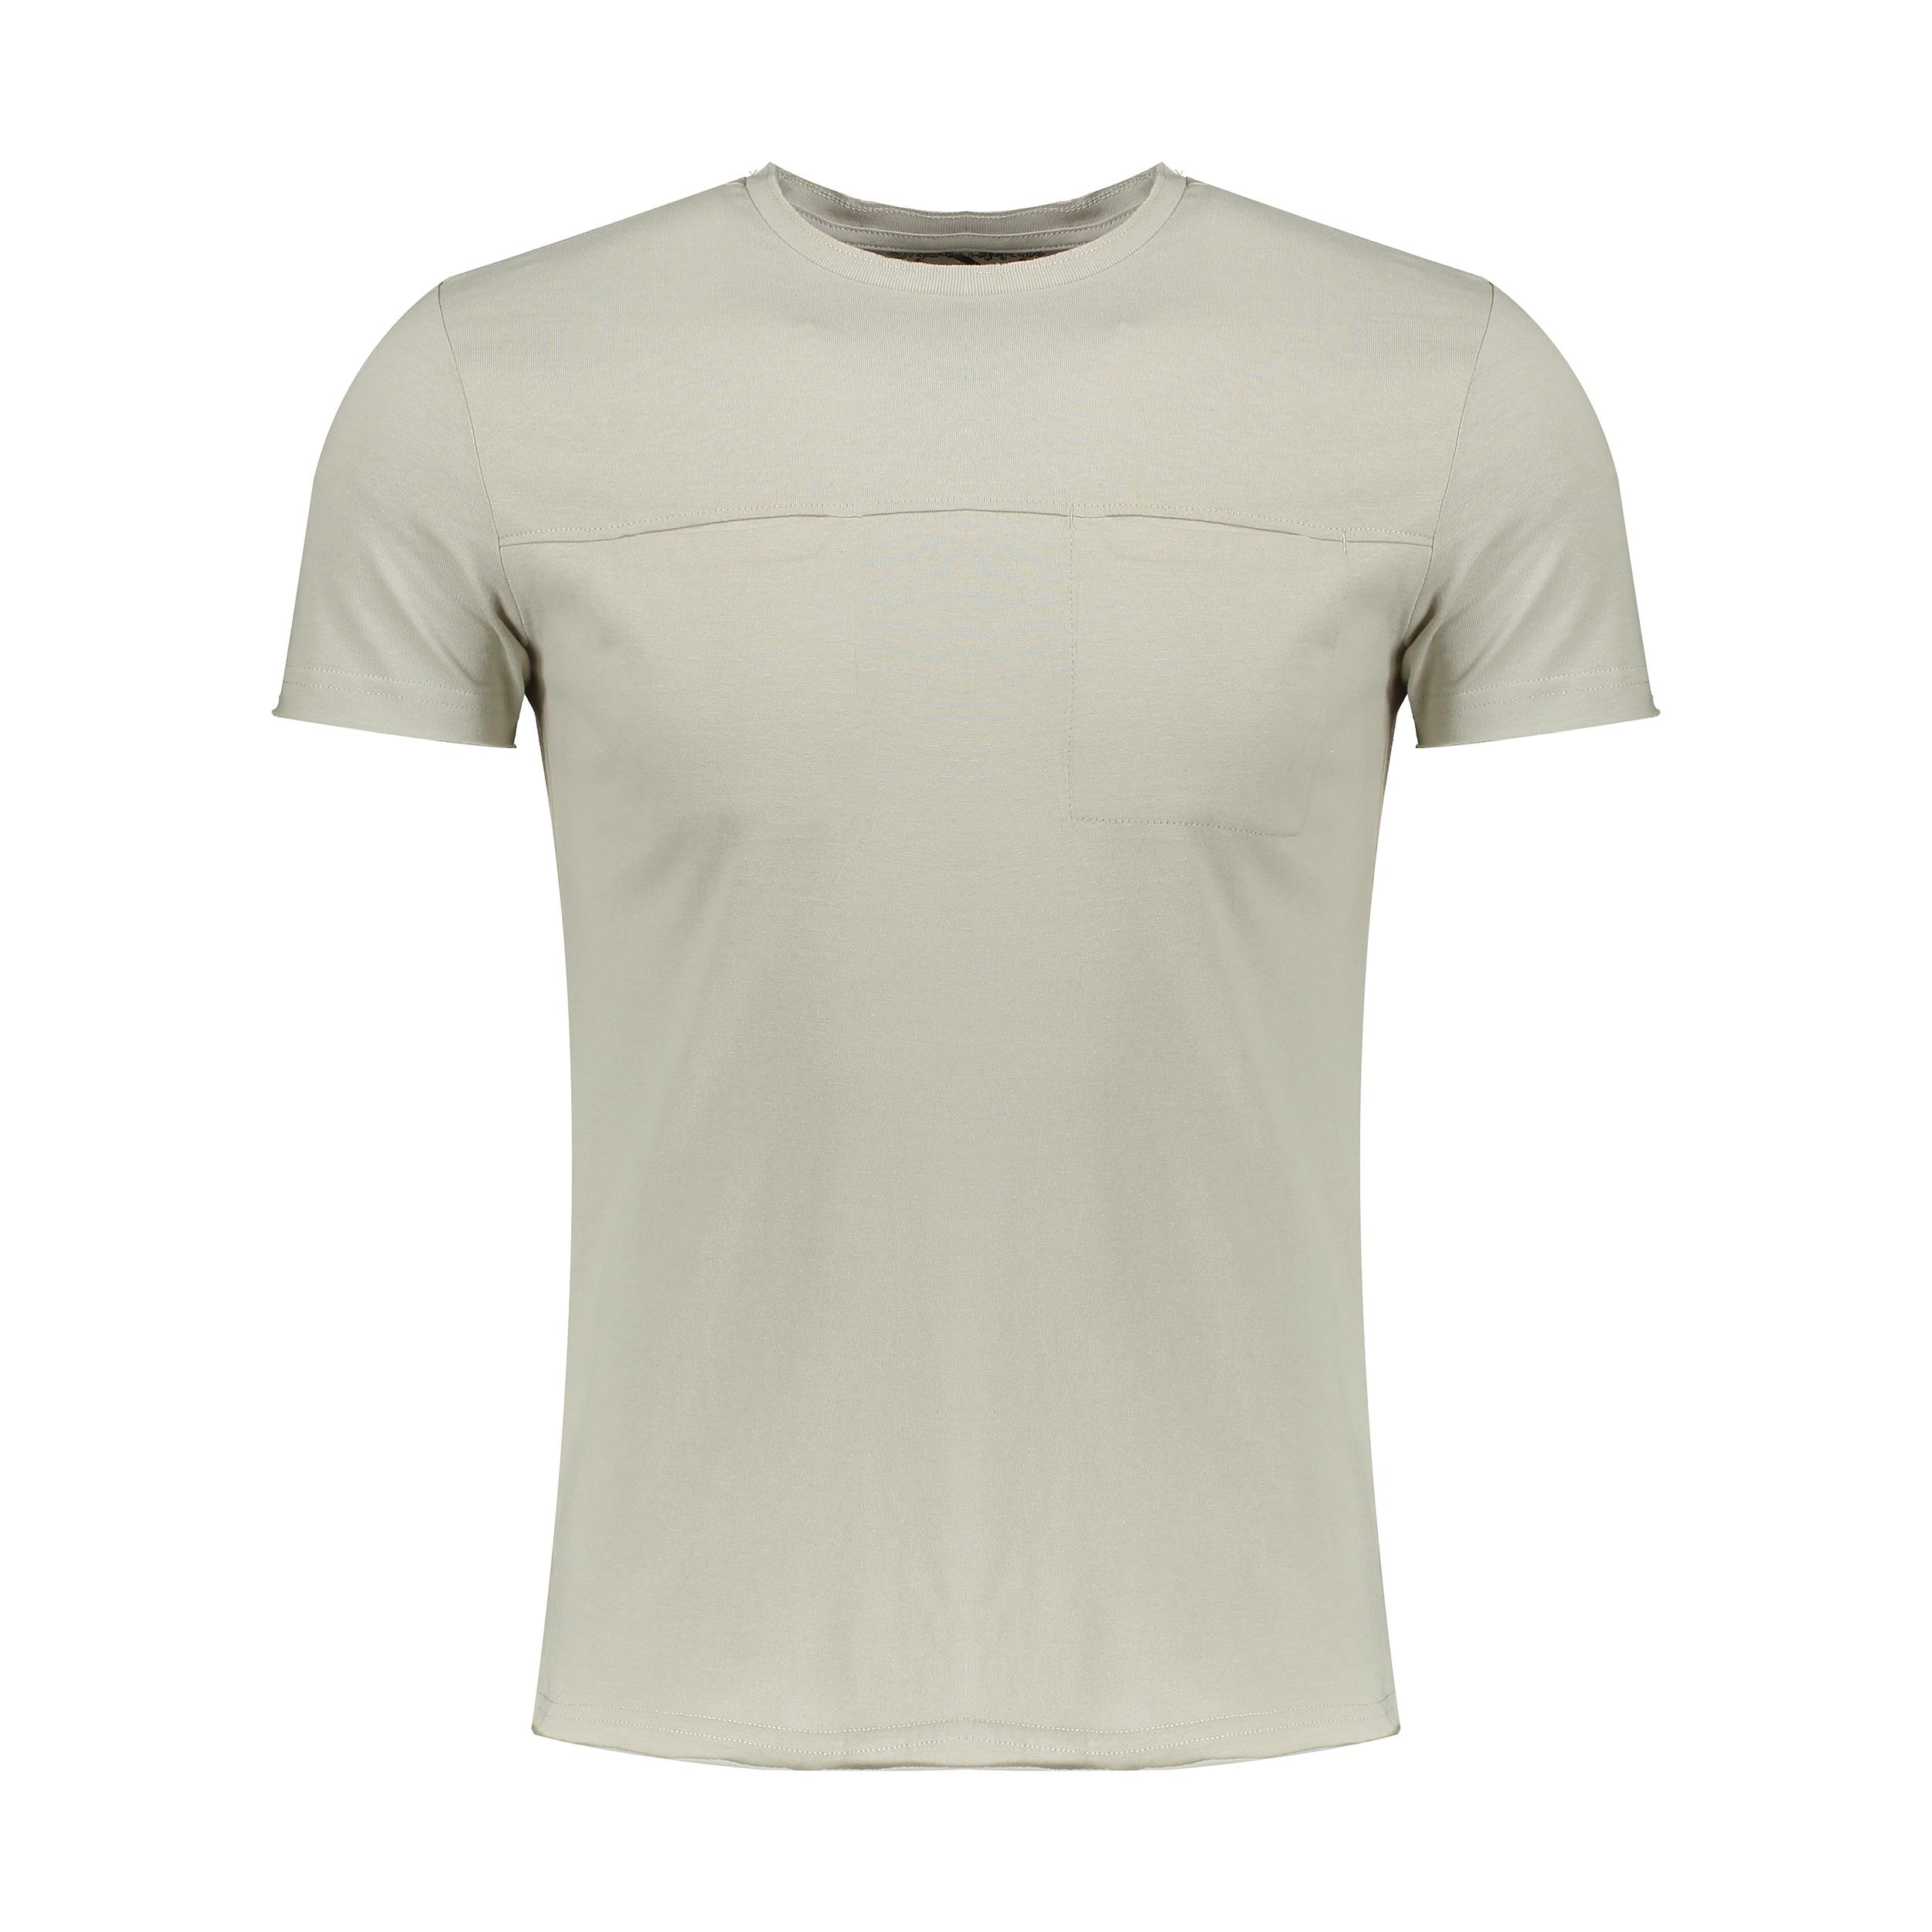 تی شرت مردانه یوپیم مدل 5054795